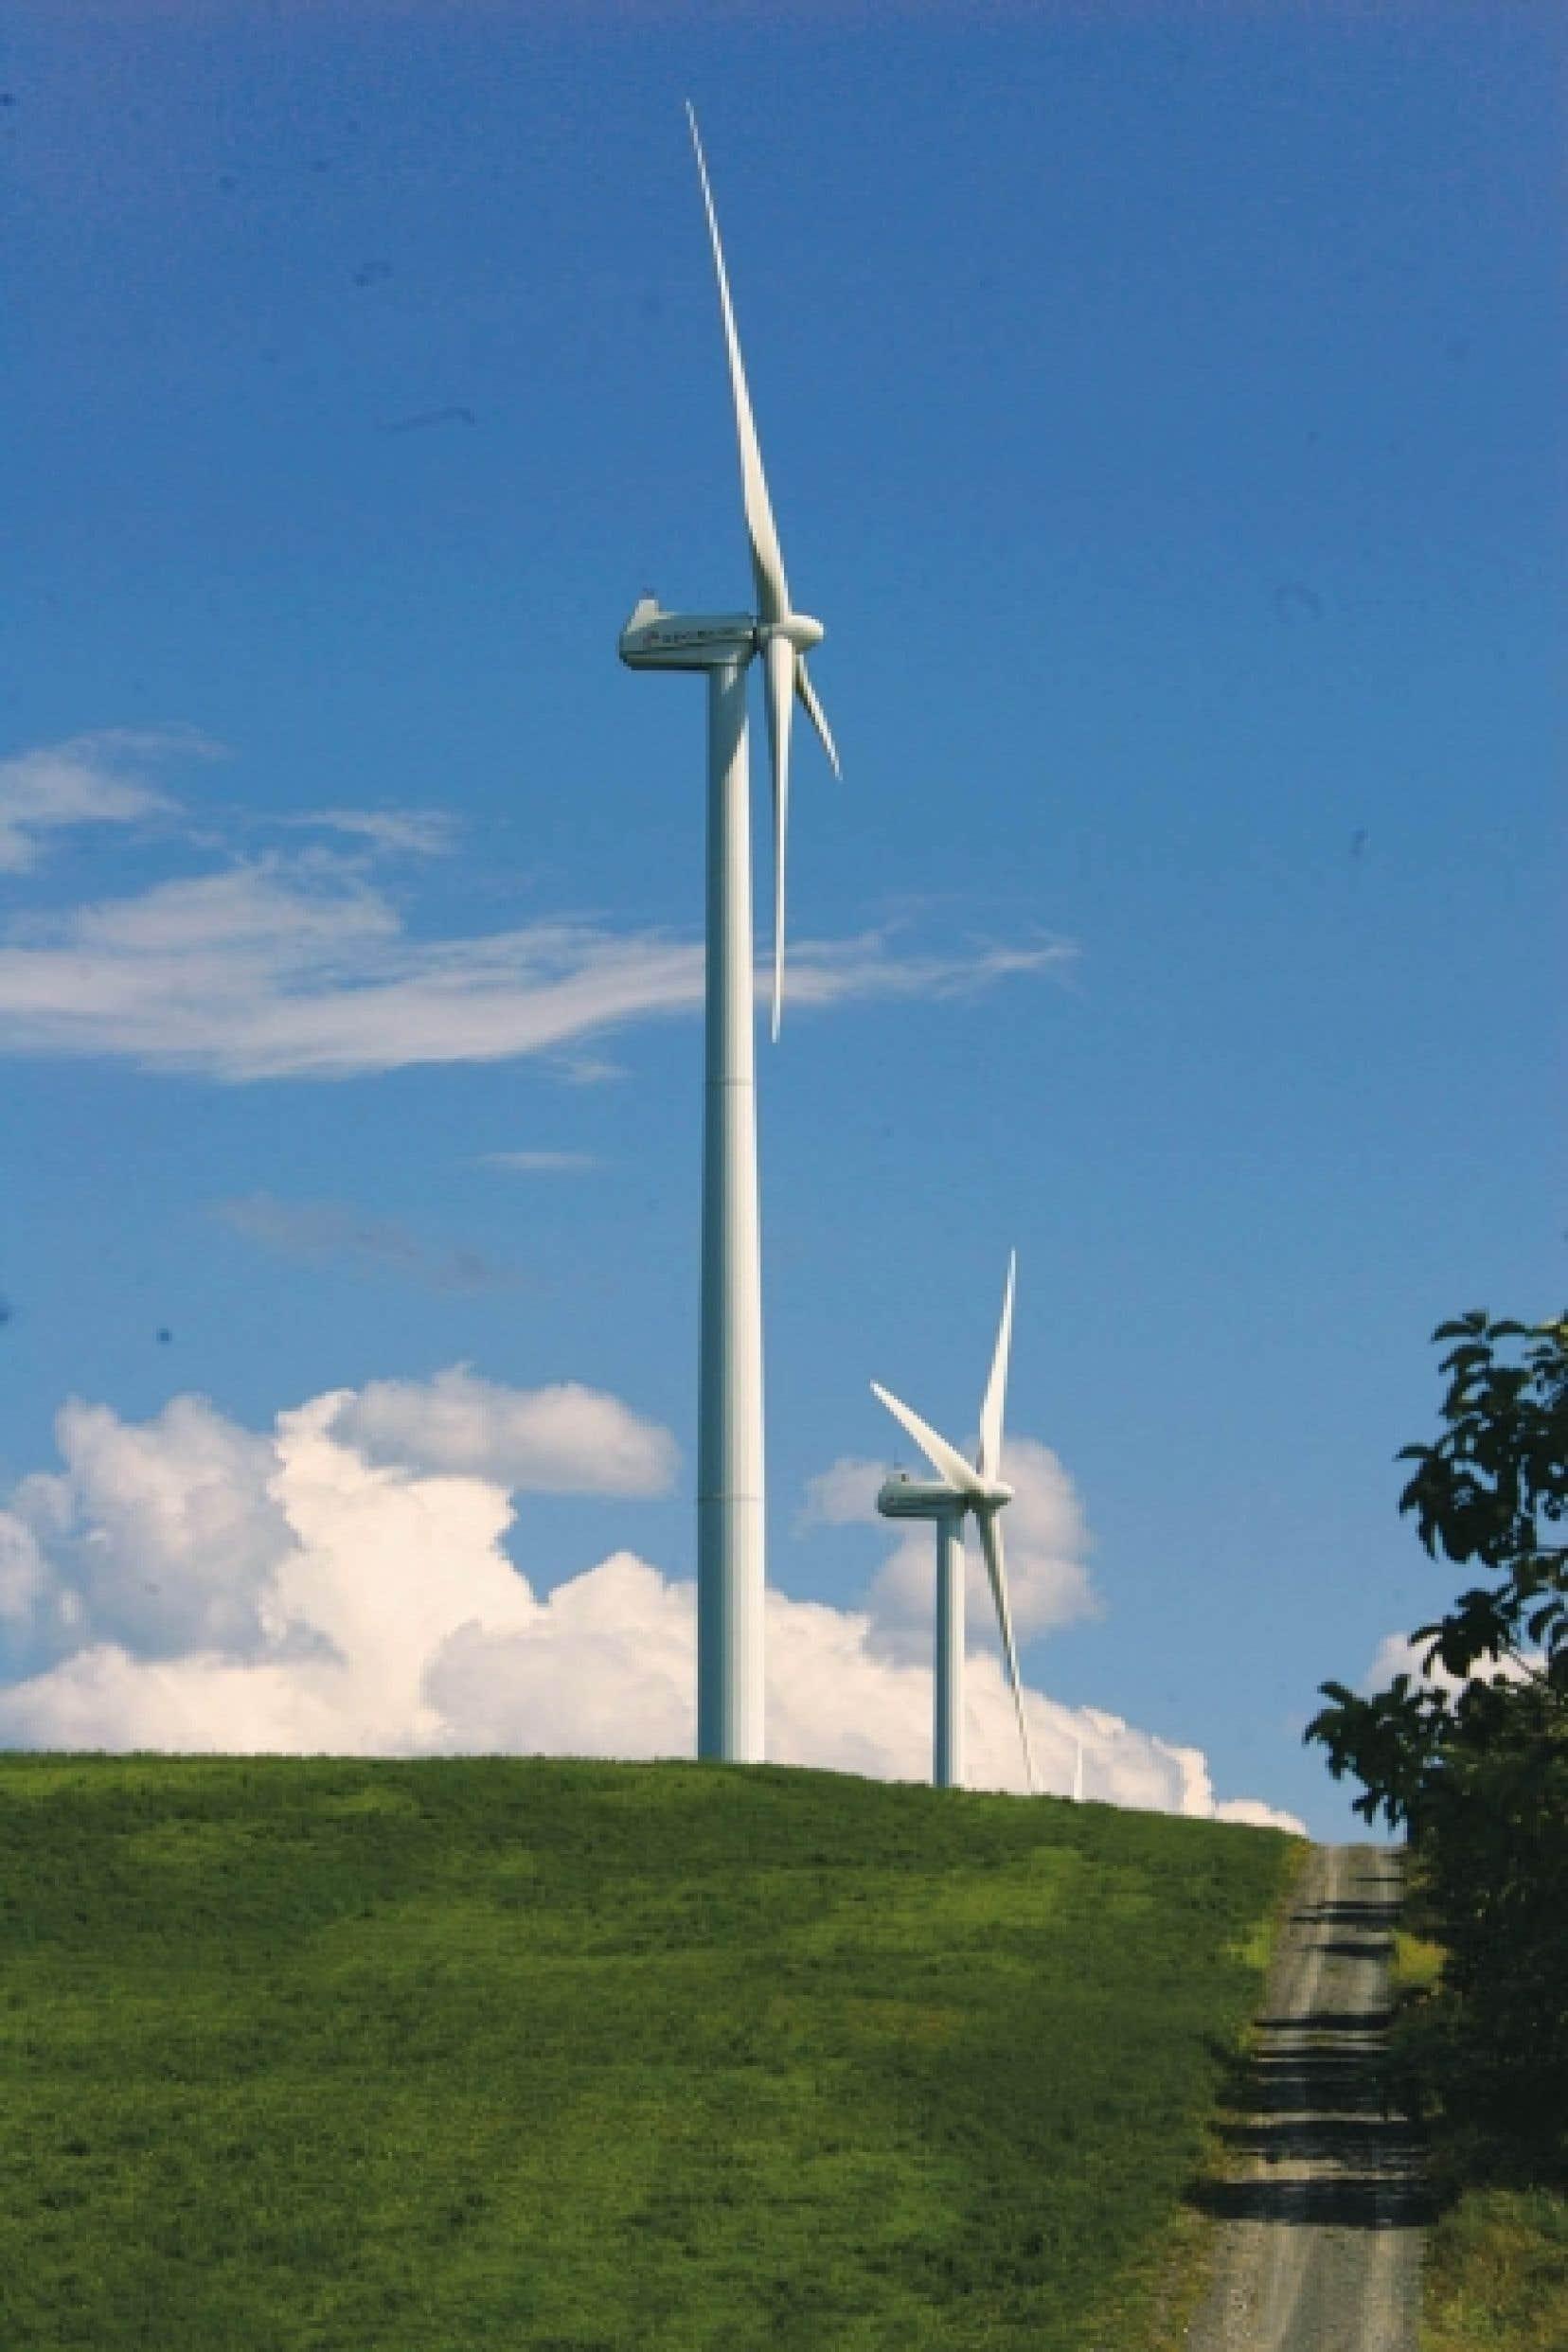 La hausse des tarifs d'Hydro-Québec est notamment causée par les projets d'installations d'éoliennes dont la société d'État devra acheter la production.